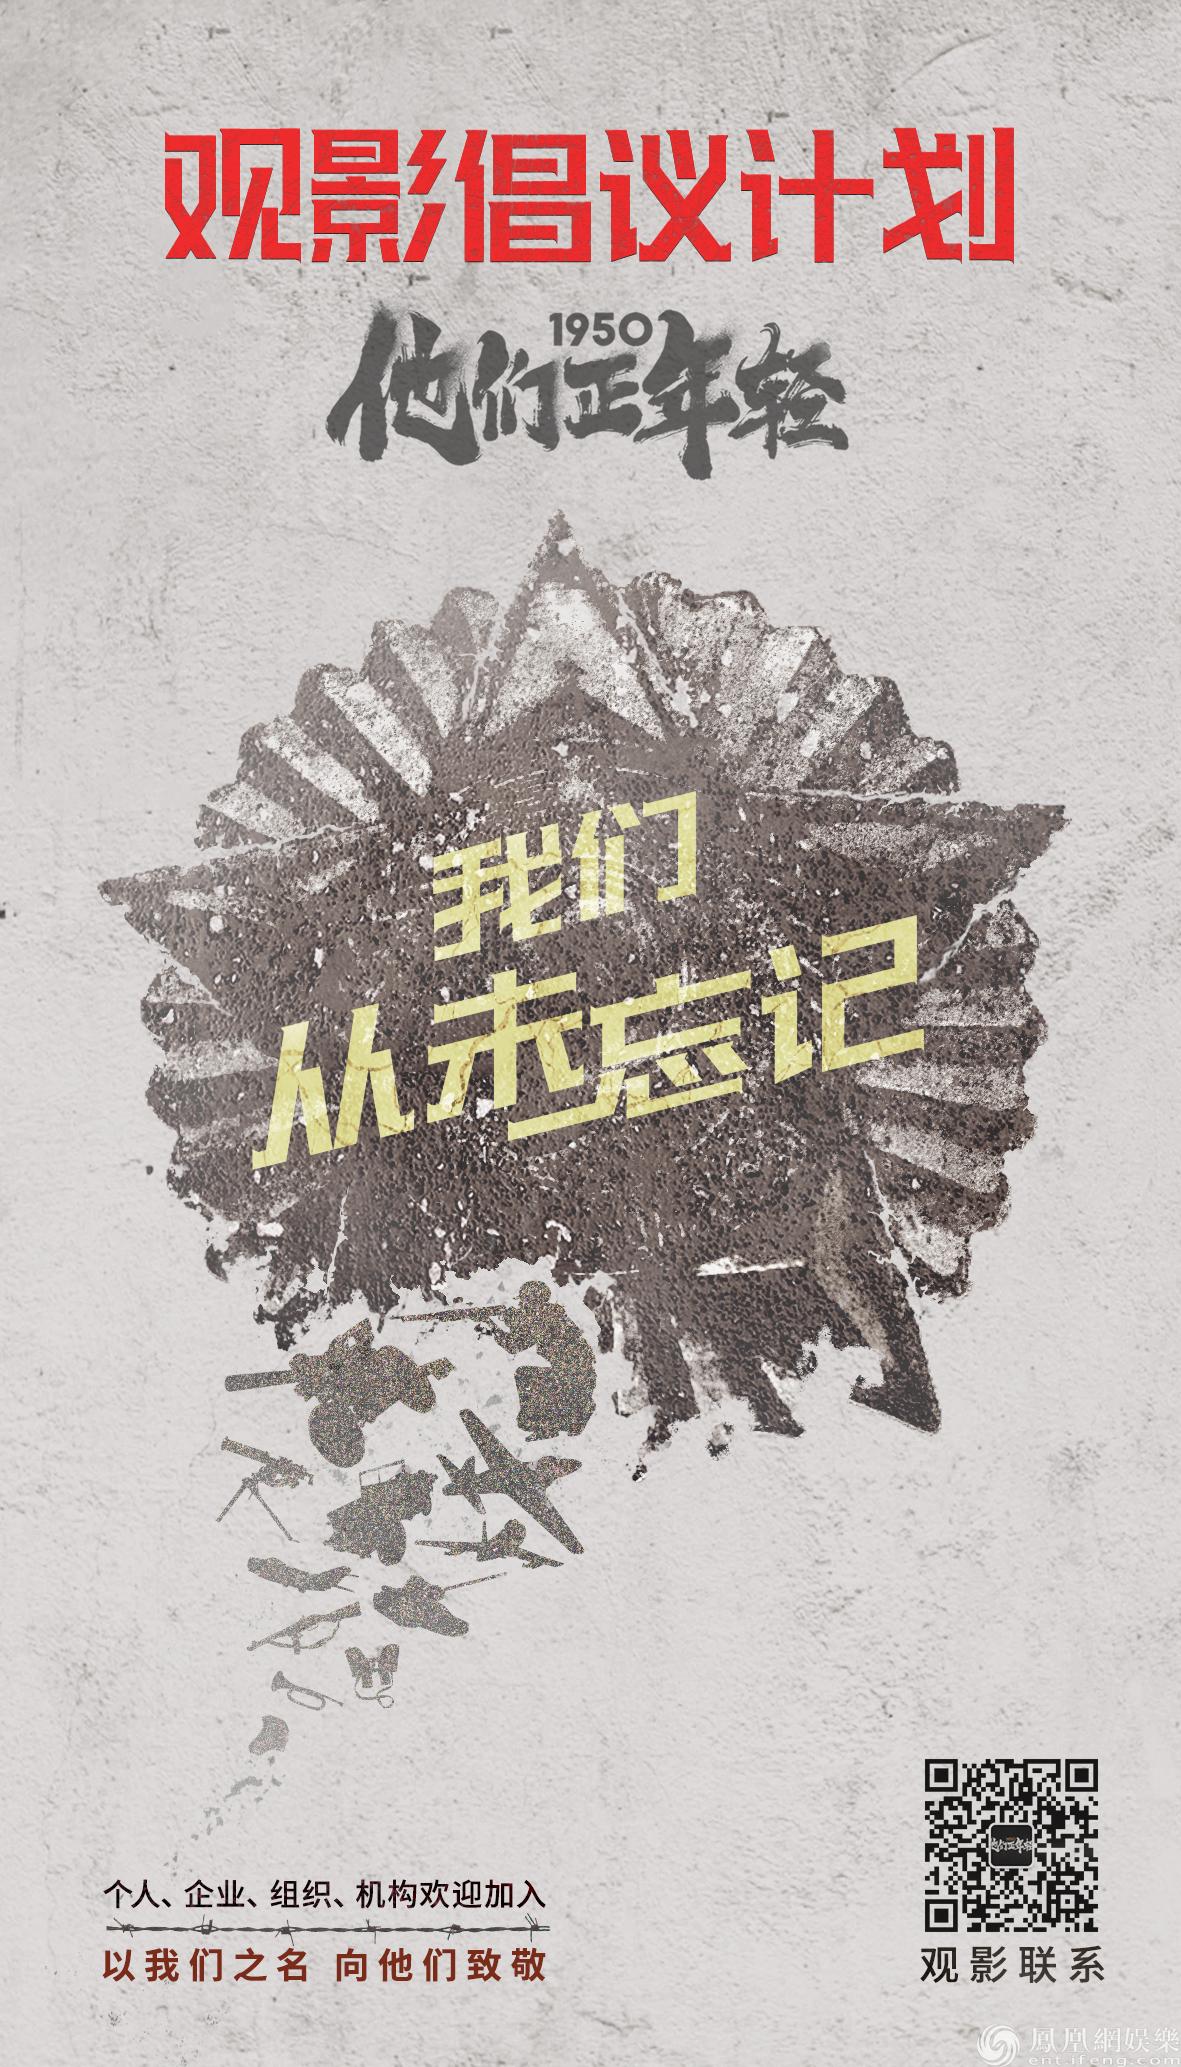 观影倡议海报